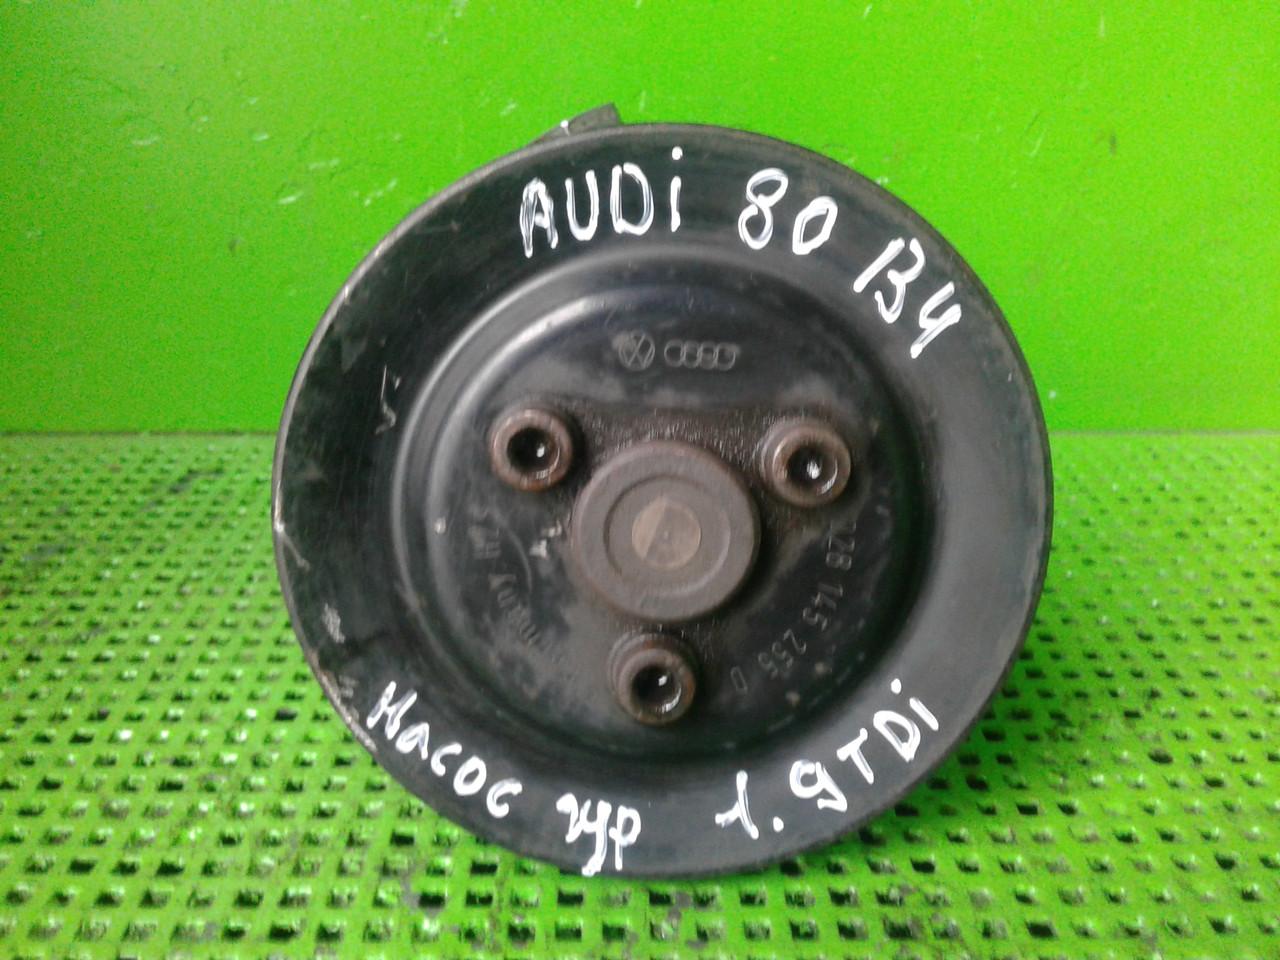 Бу насос гидроусилителя руля для Audi 80 B4 1.9 TDI 228 14 2 O Germany